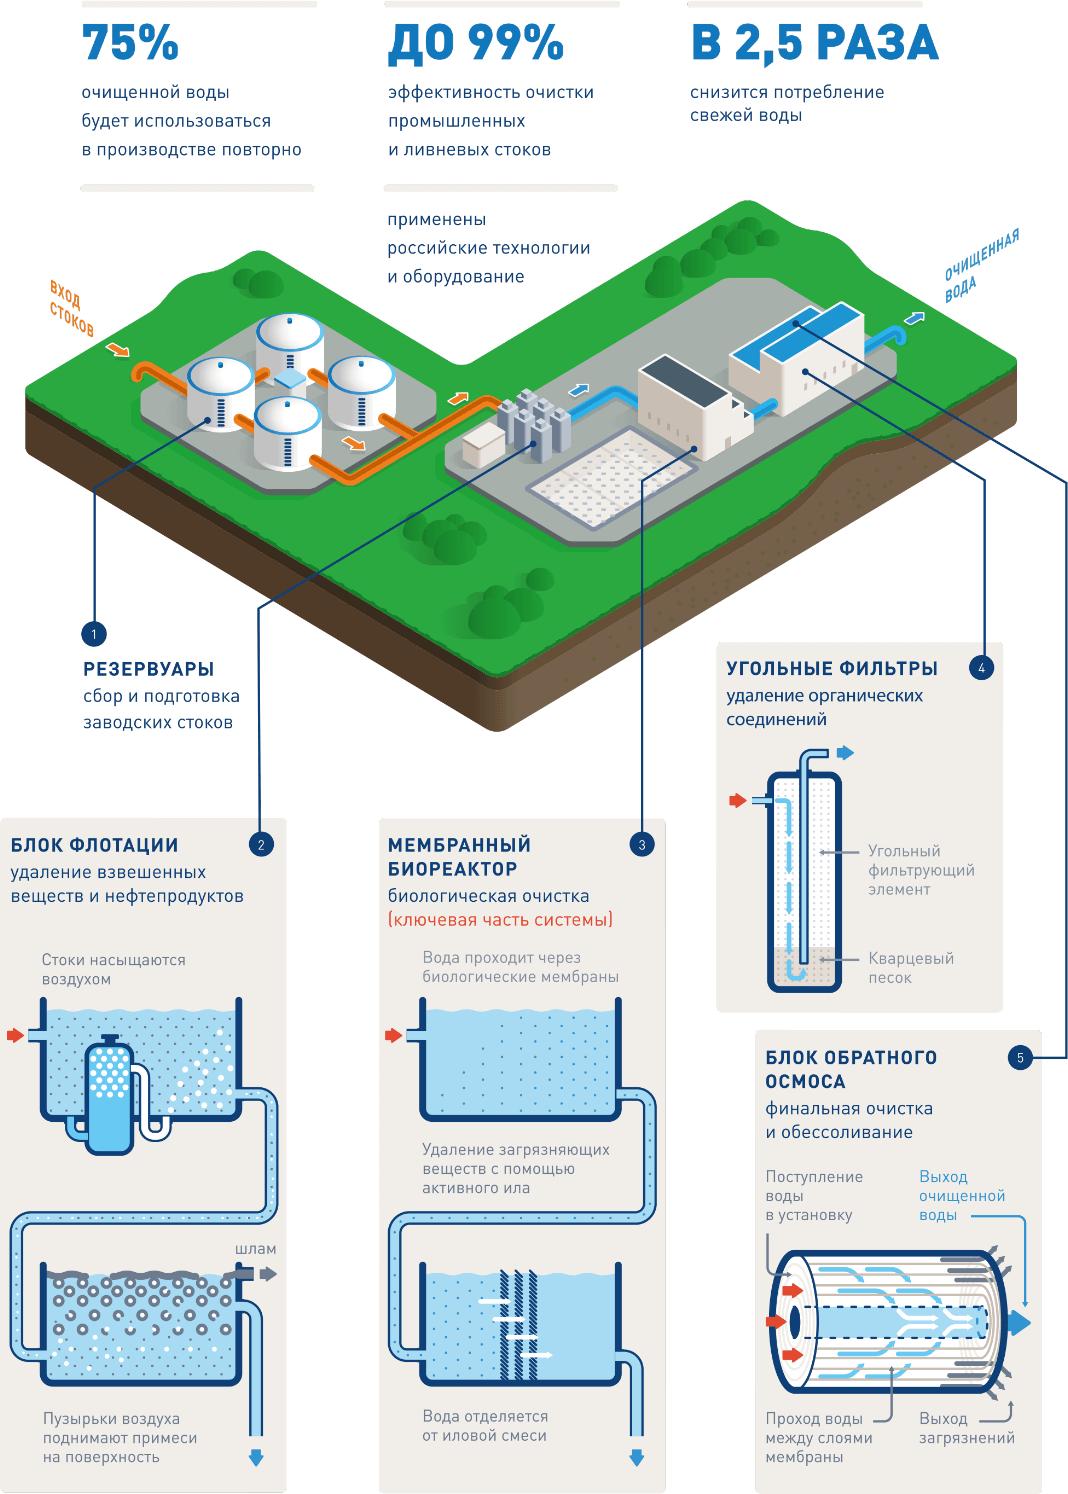 solutionsss 1 2 Очистные сооружения для завода по производству химикатов